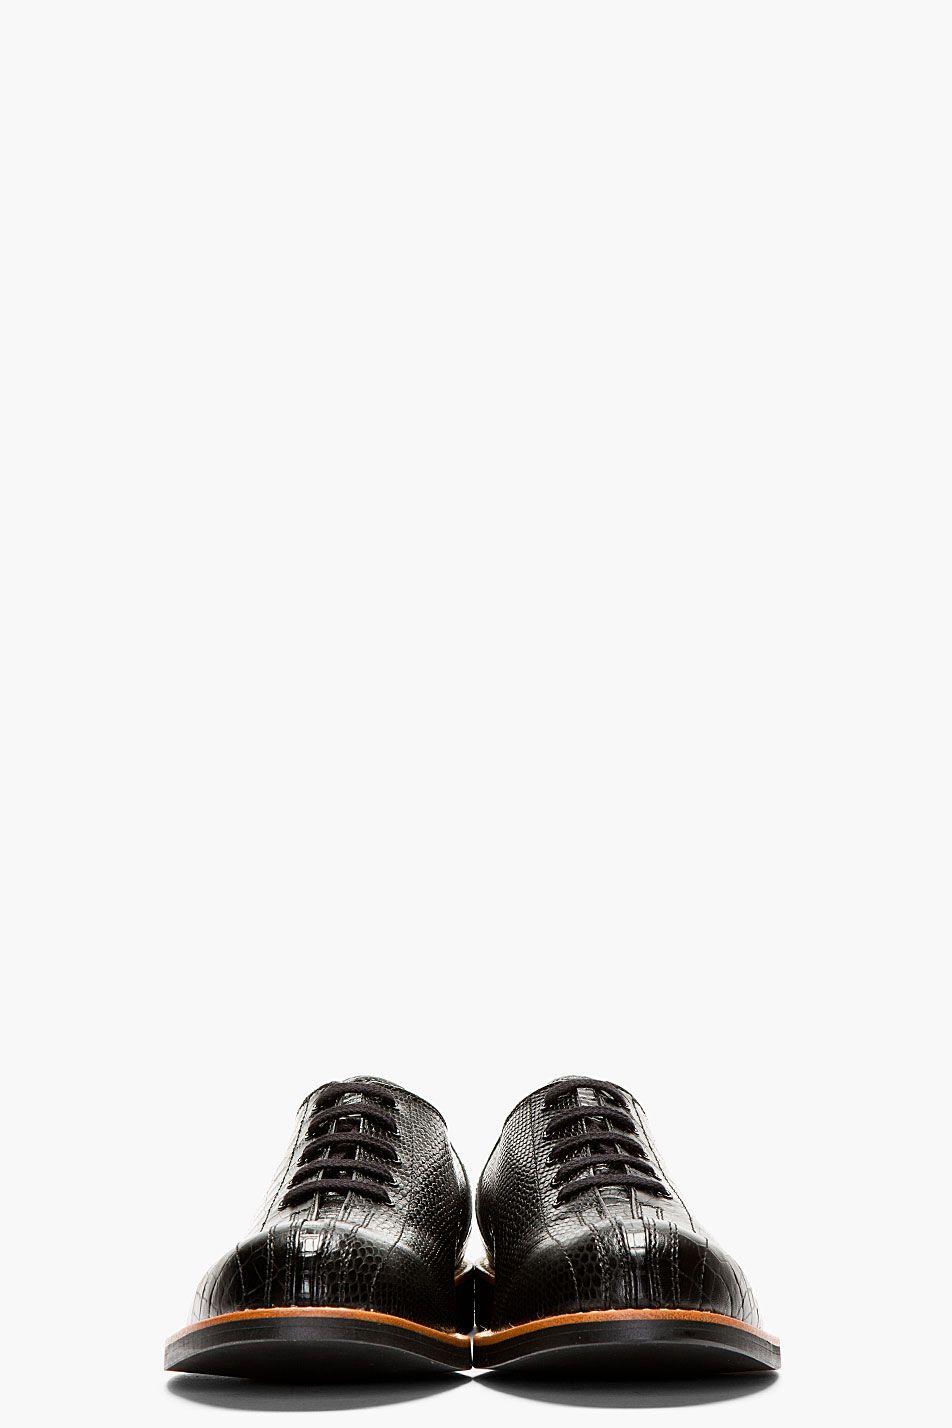 53e9bc8412d2b4 COMME DES GARÇONS HOMME PLUS Black Crocodile-Embossed Bowling Shoes ...